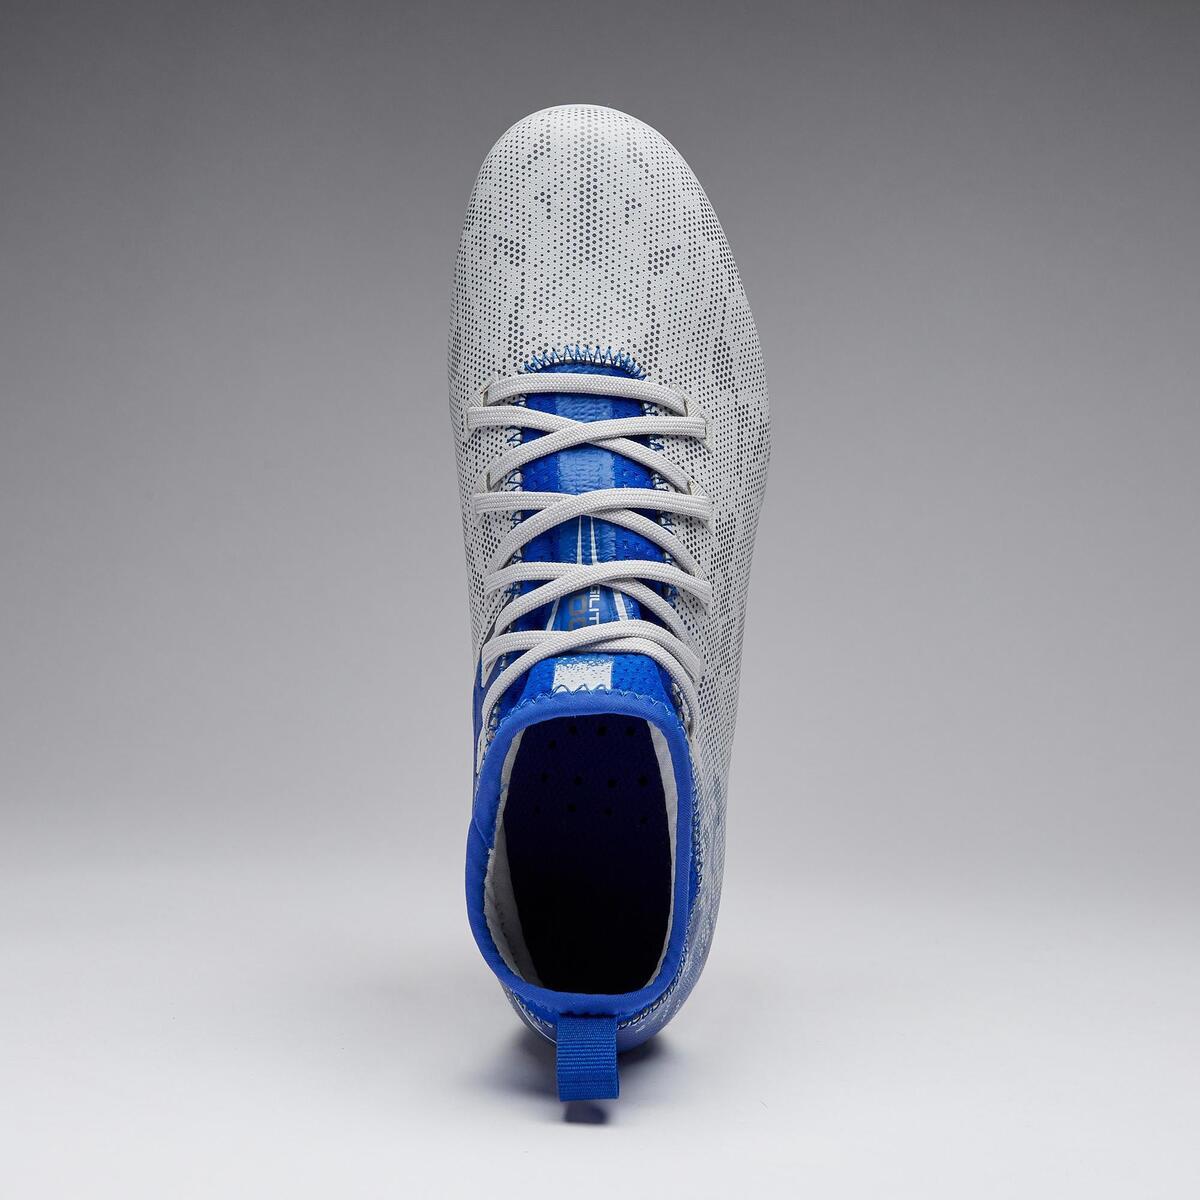 Bild 5 von Fußballschuhe Nocken Agility 900 FG Kinder grau/blau